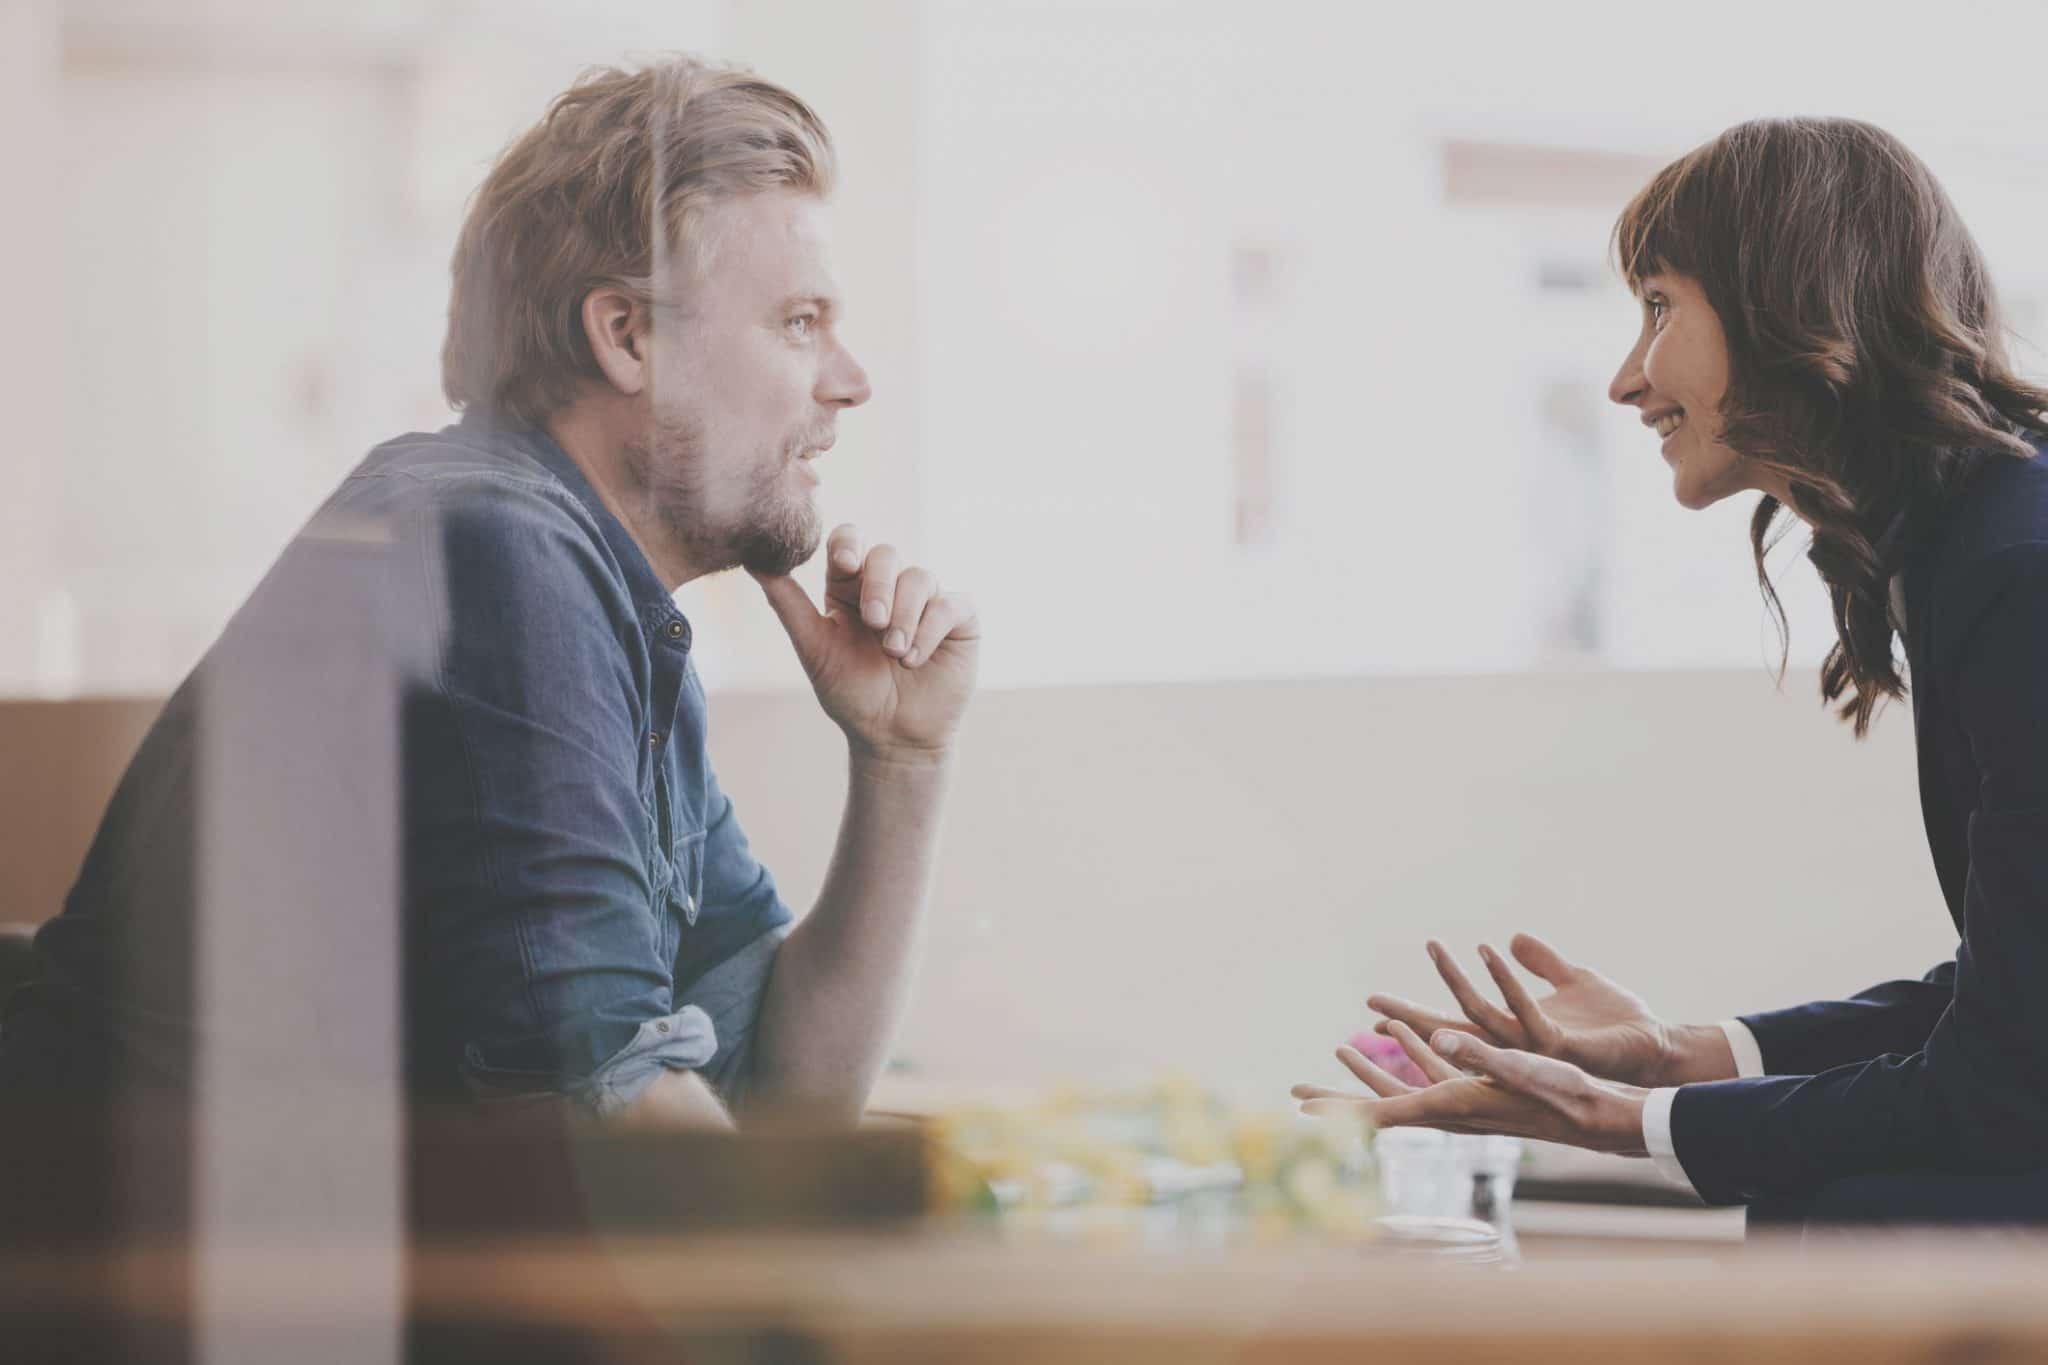 Zwei Business Personen, eine Frau und ein Mann, sitzten sich gegenüber und reden.